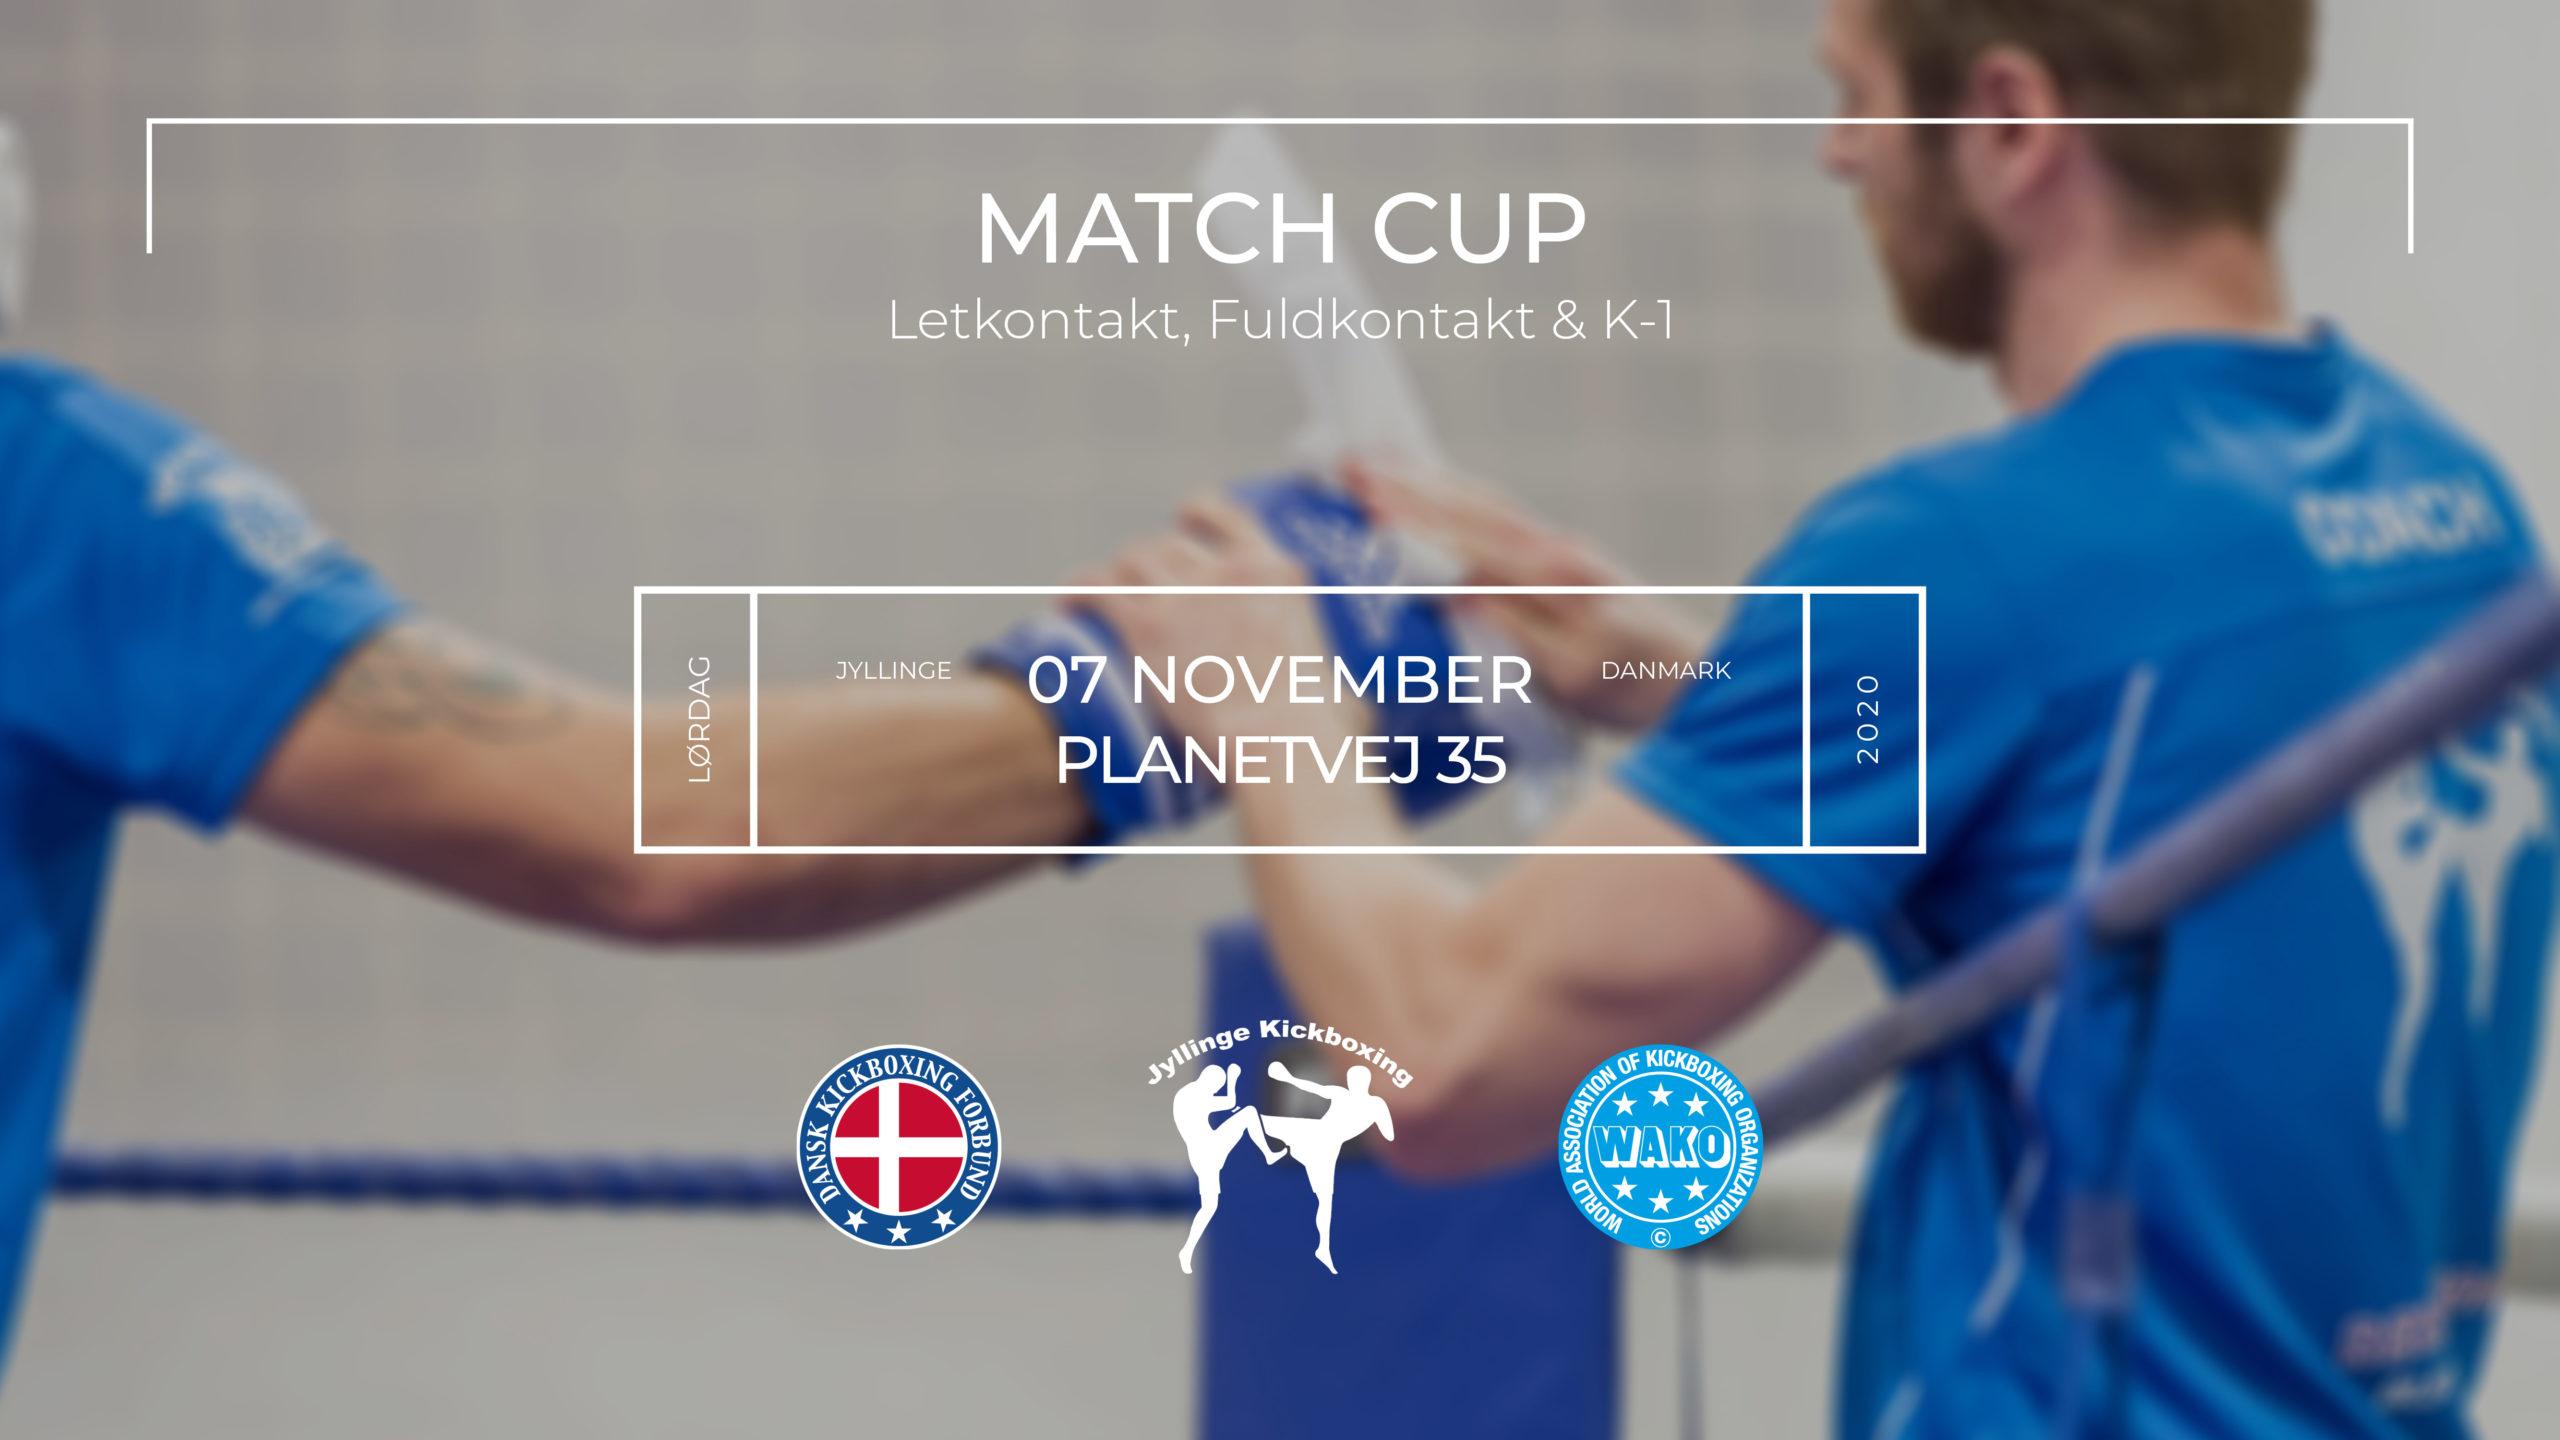 Match Cup hos Jyllinge Kickboxing November 2020